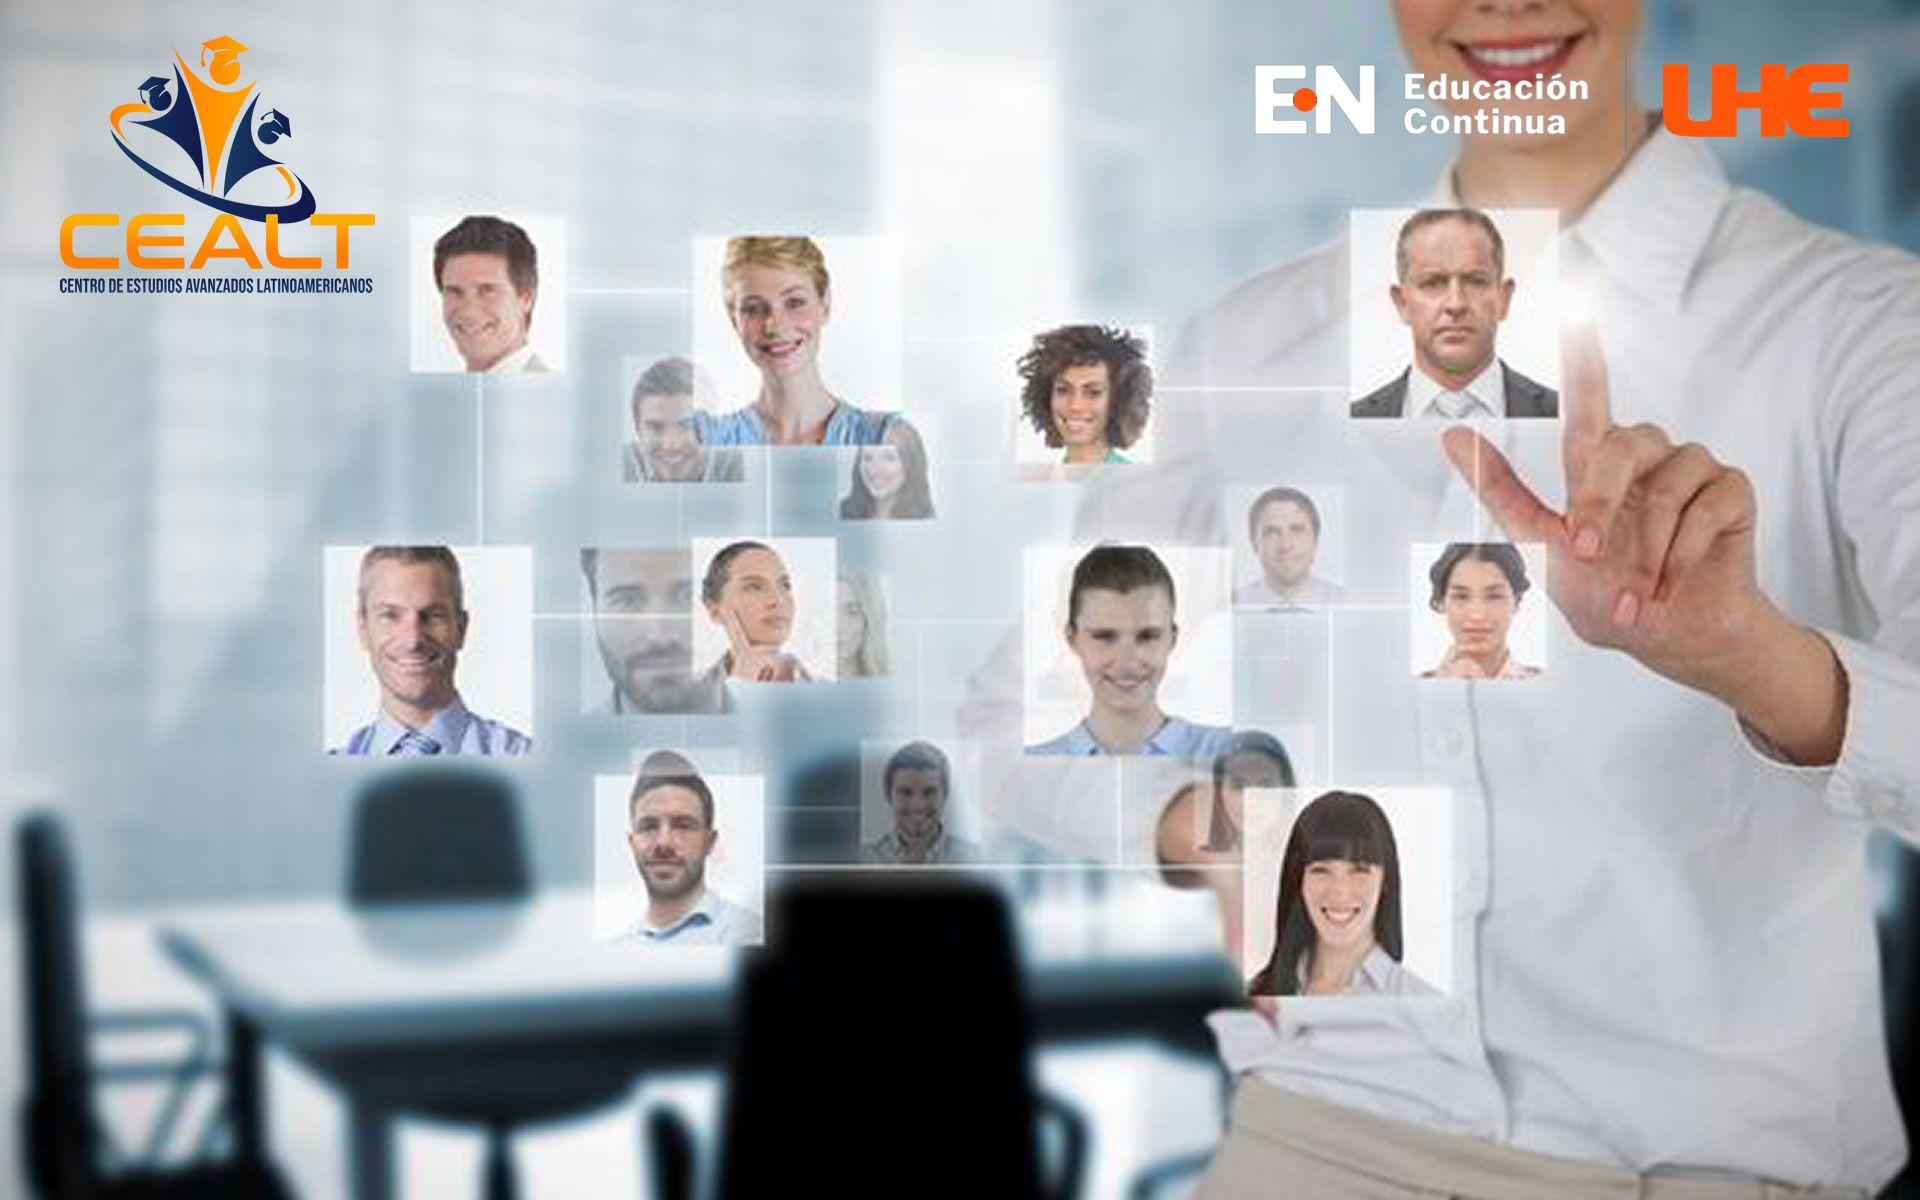 Curso Profesional en reclutamiento, Selección en Inducción de Personal